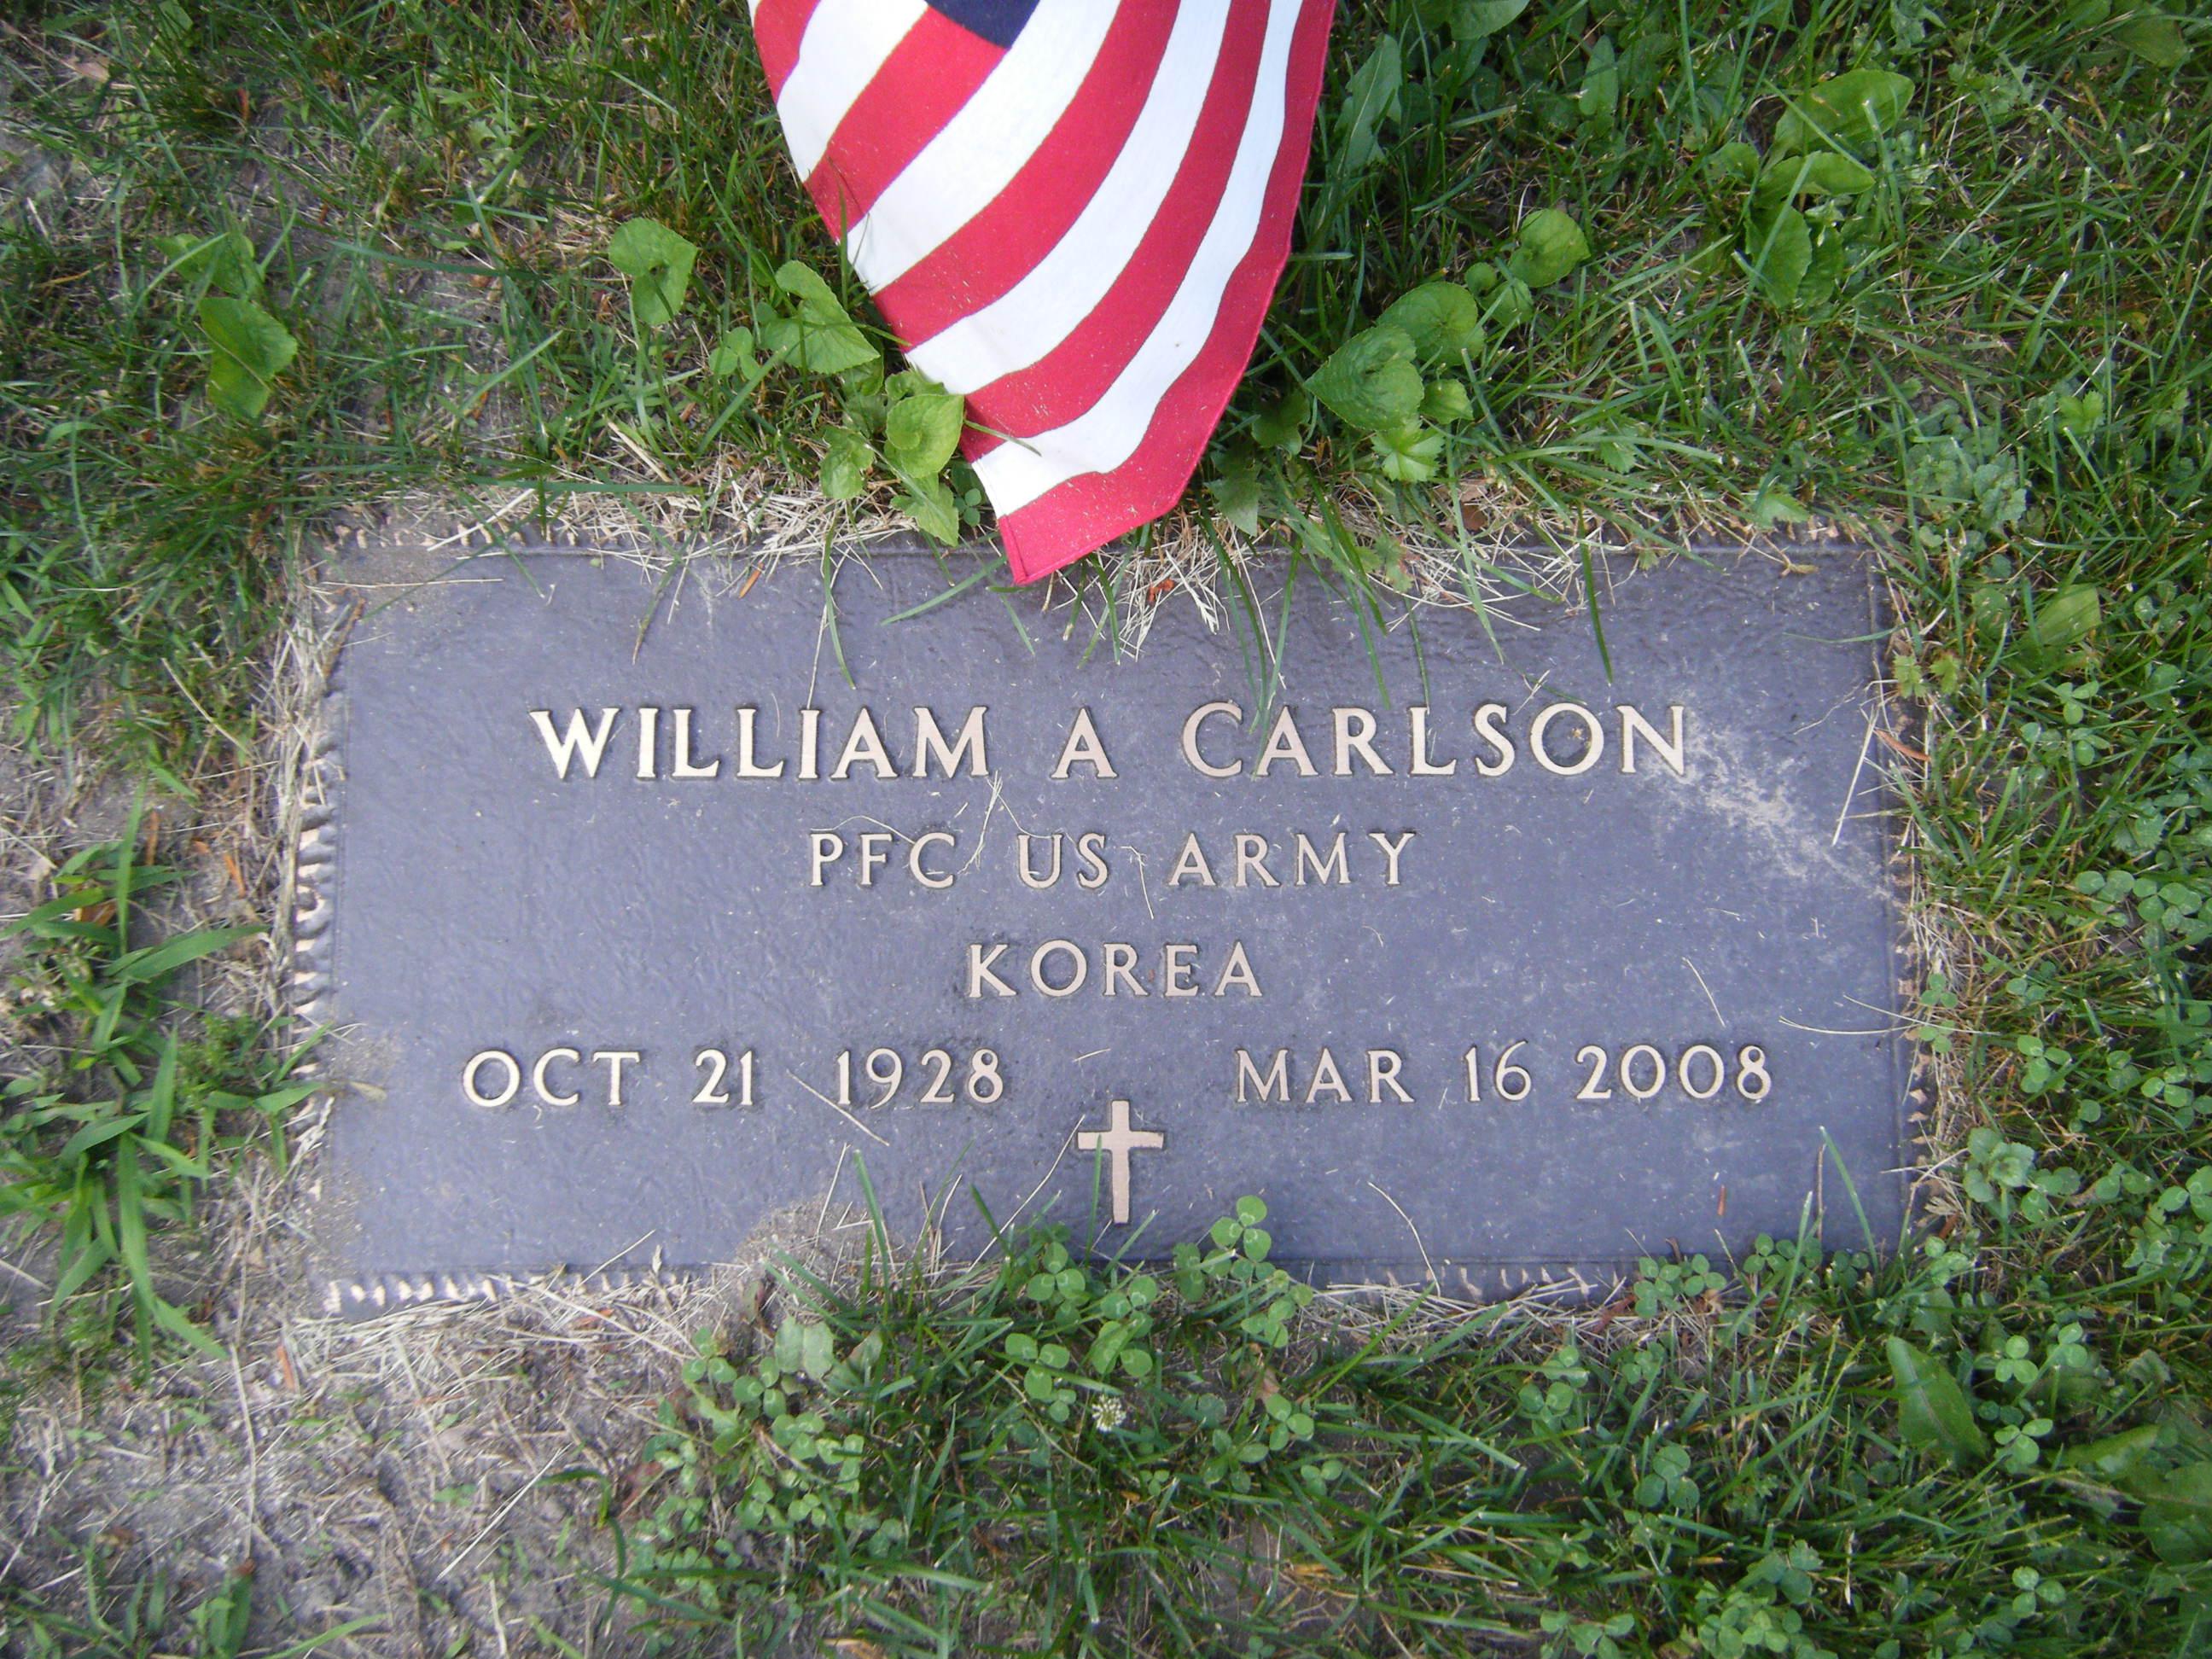 William A. Carlson